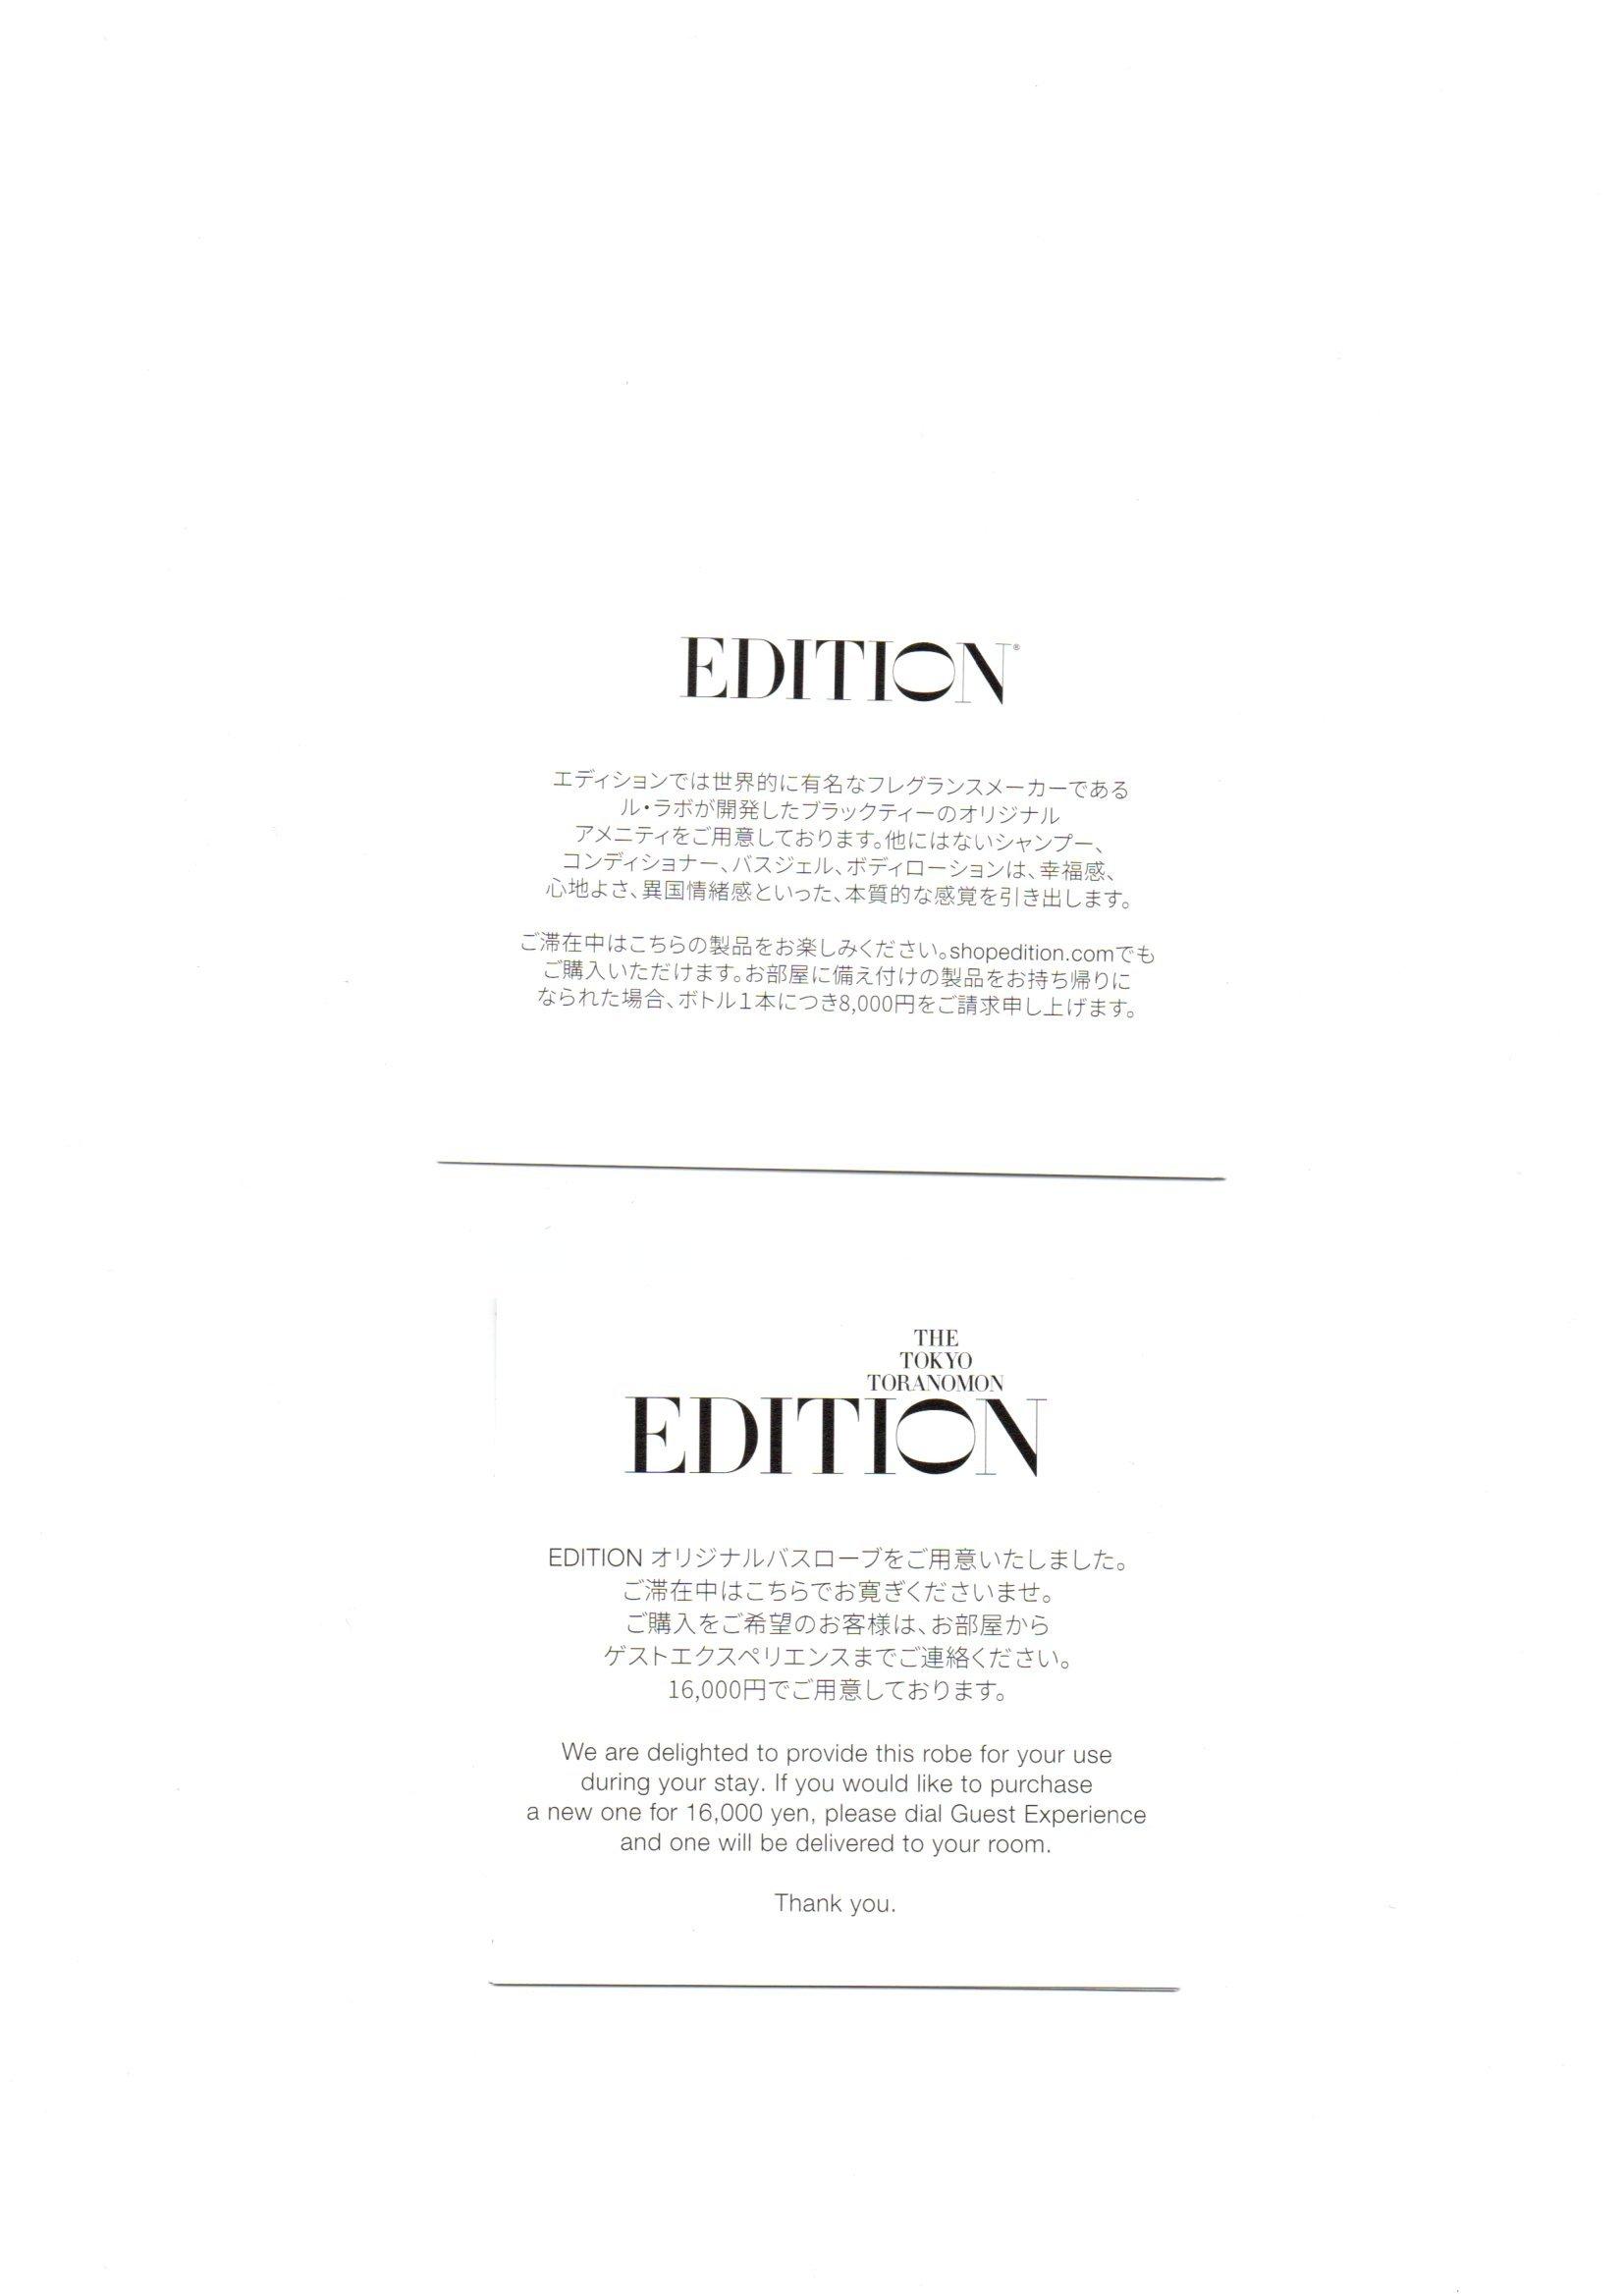 東京エディション虎ノ門 (3) 「スタジオテラスルーム」の続き_b0405262_21395682.jpg